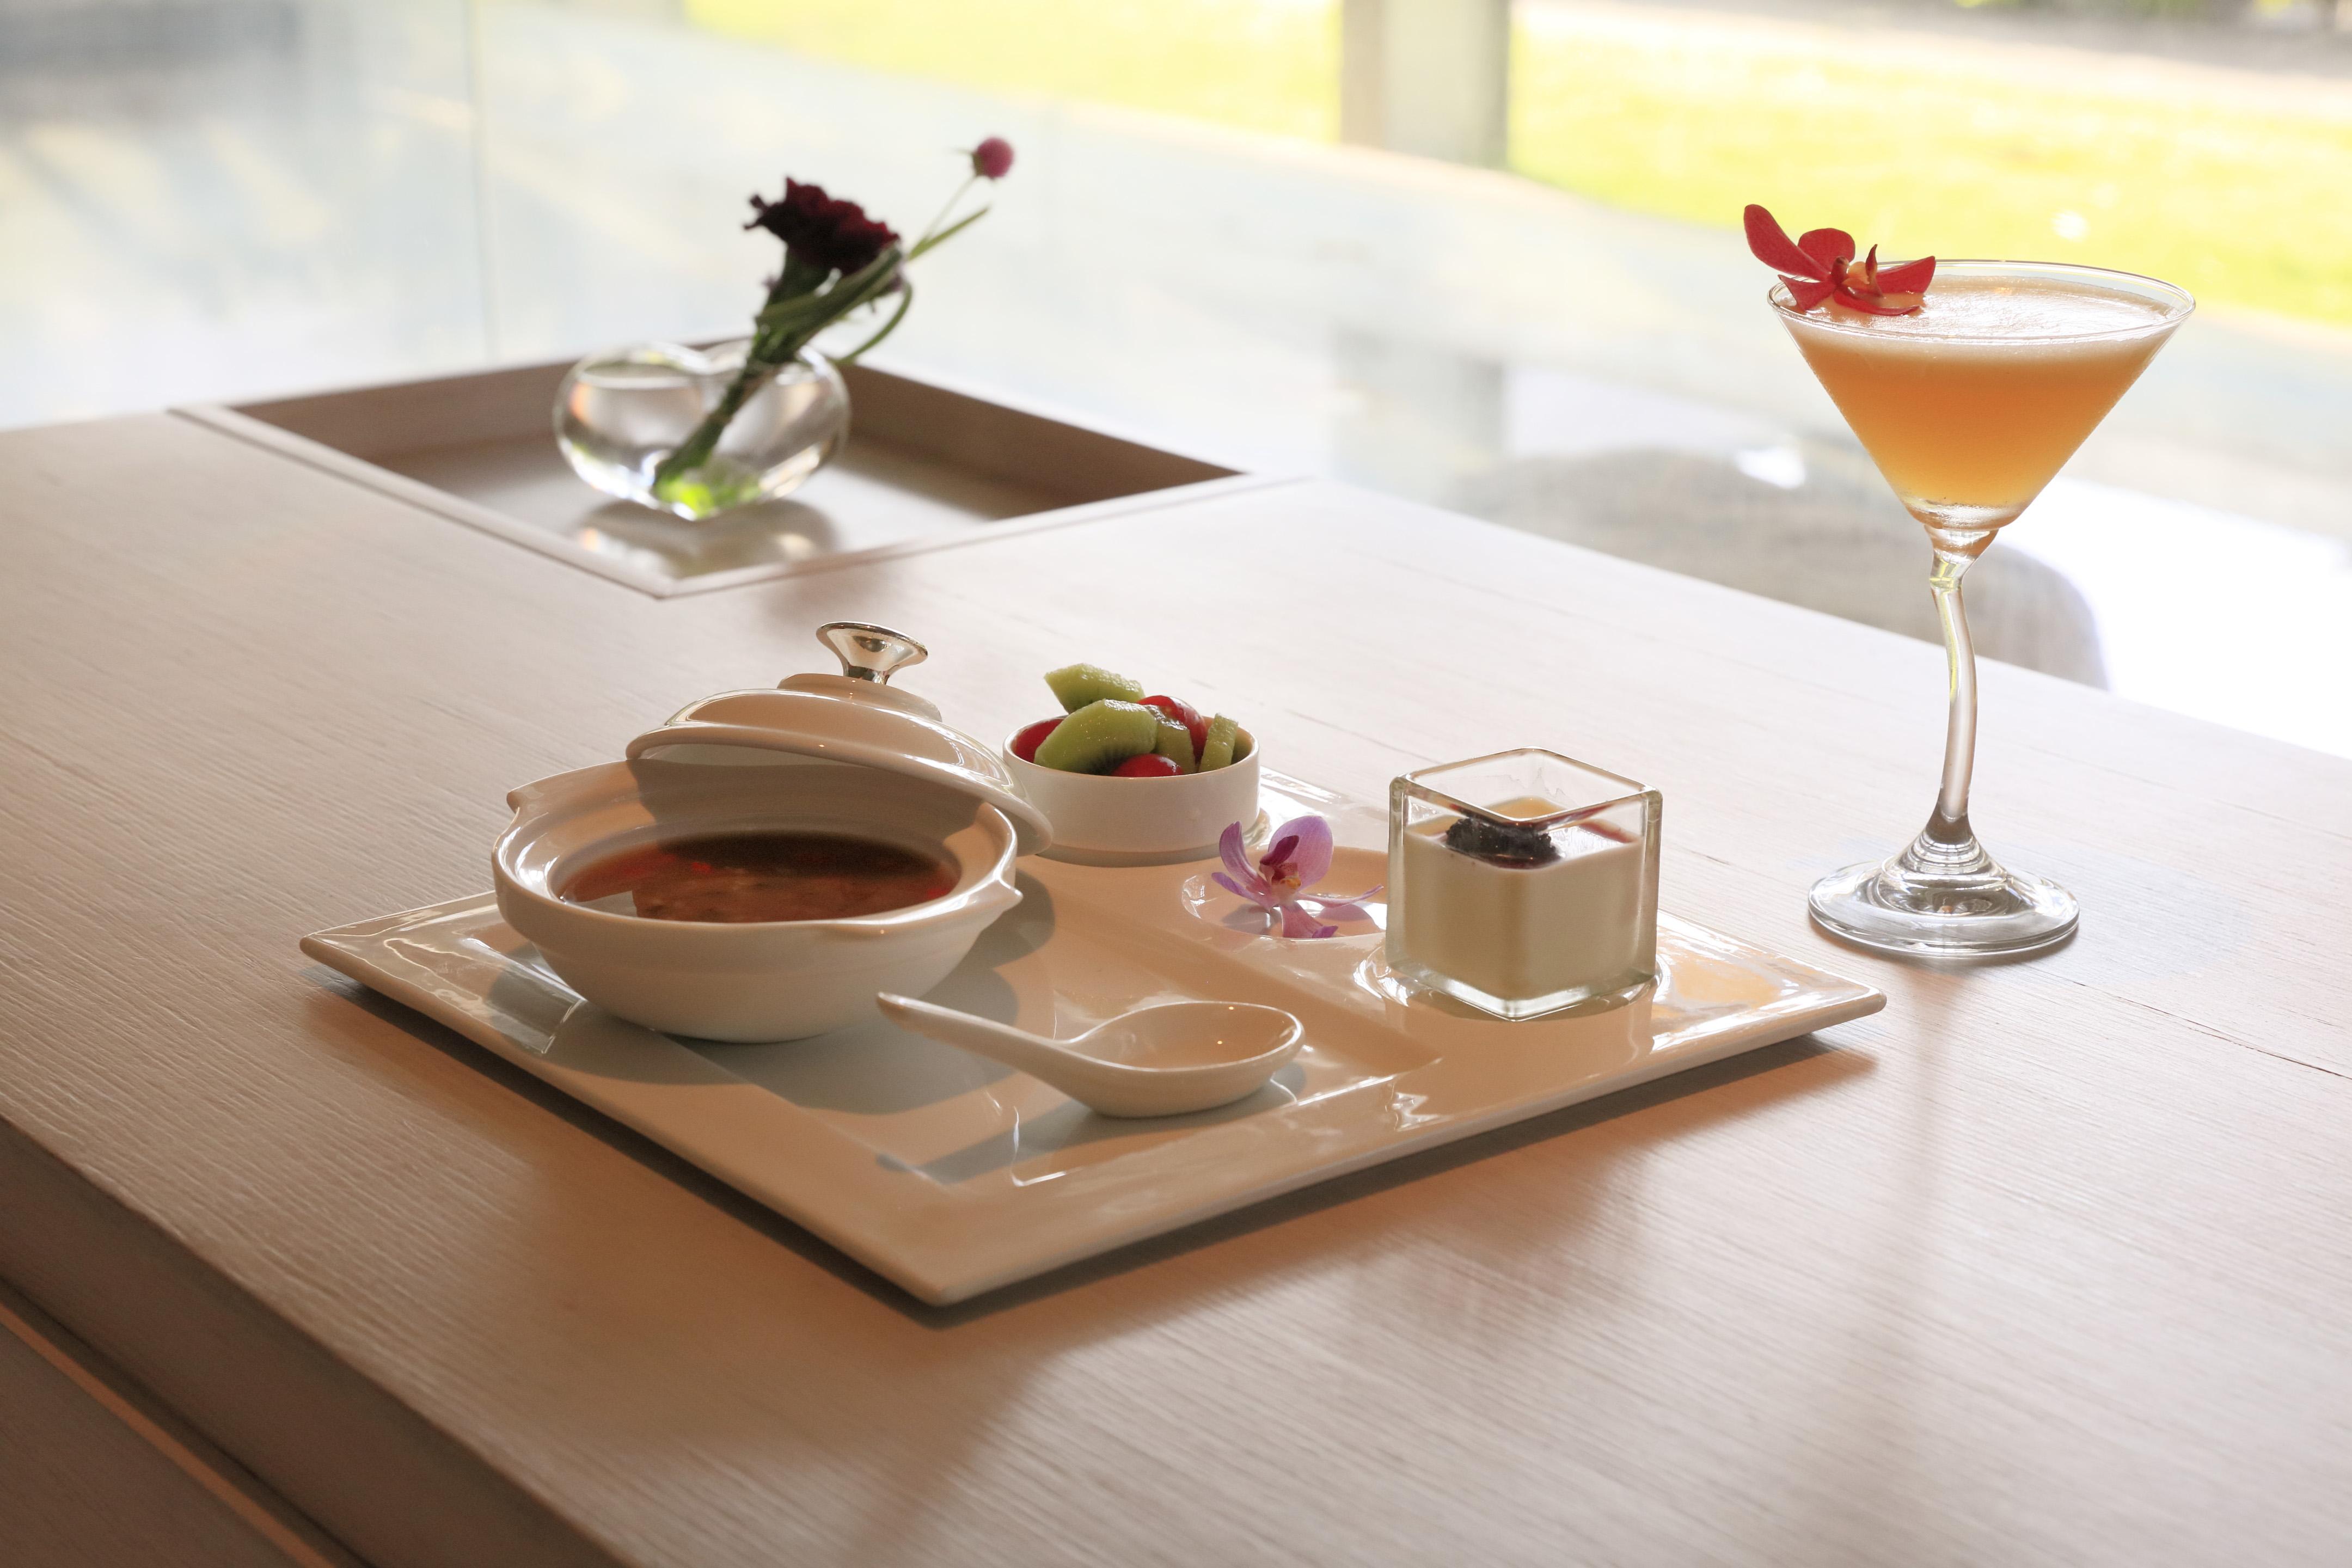 台中SPA會館Yogilini餐點